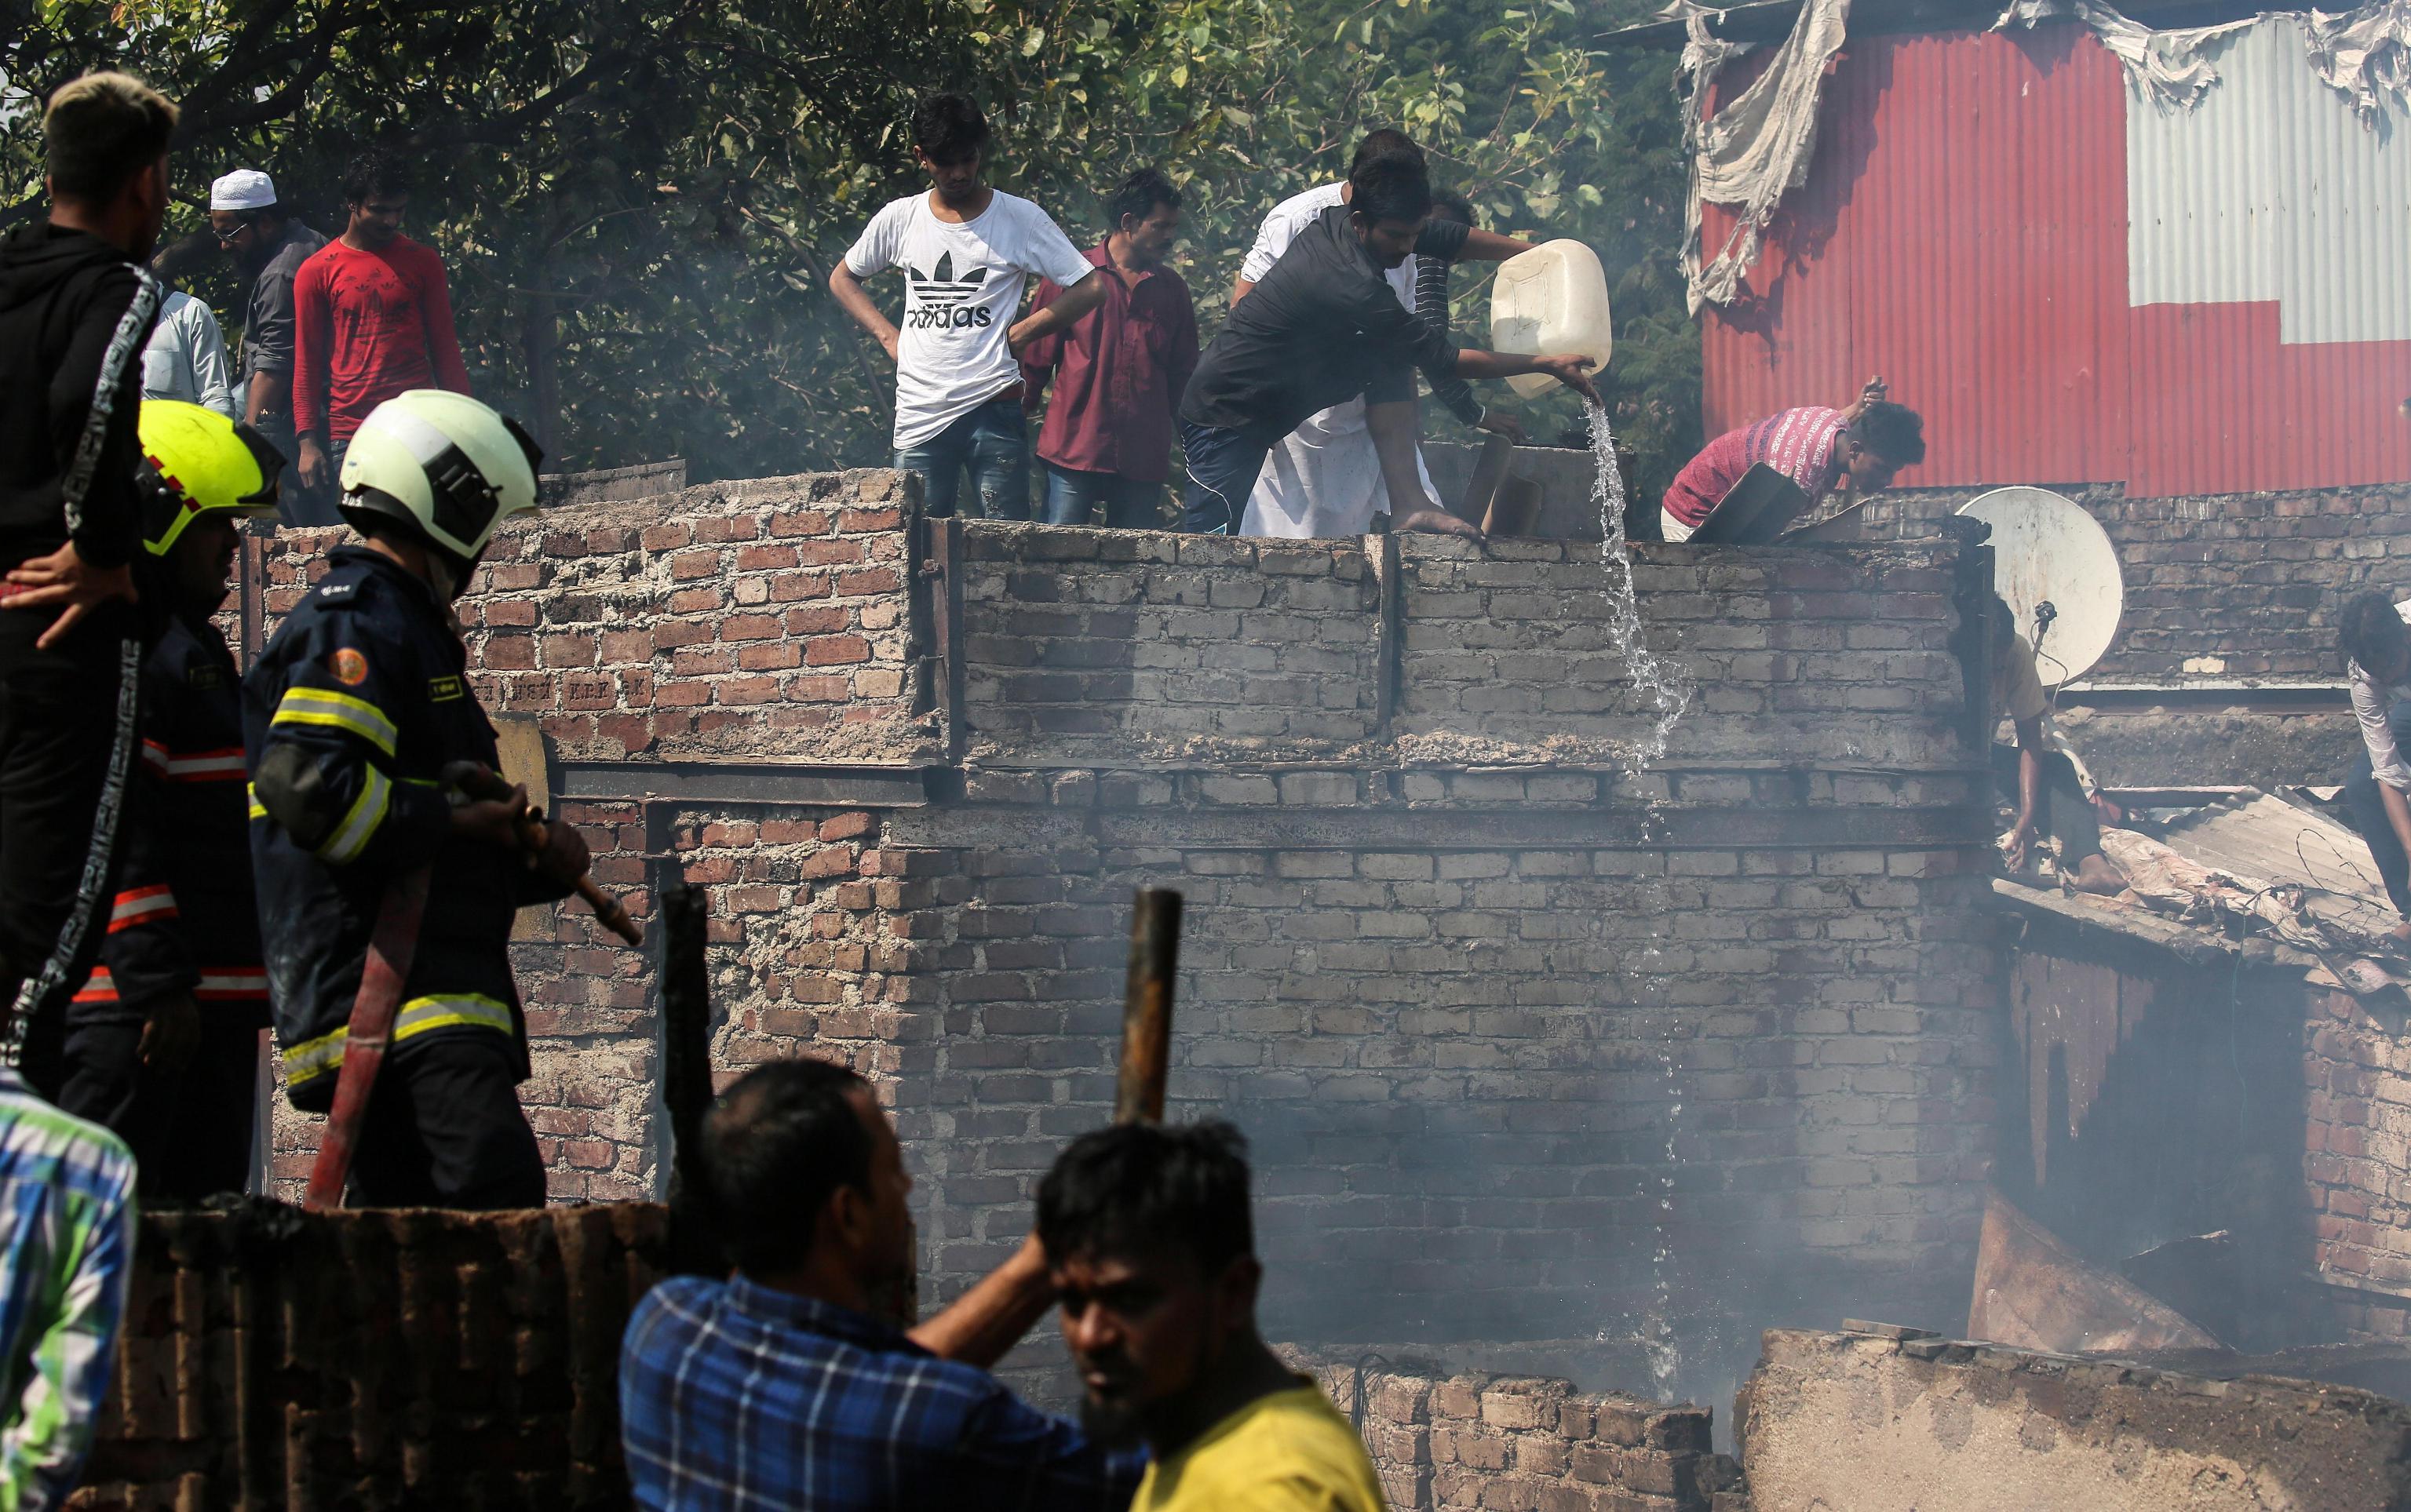 Gli abitanti delle capanne aiutano i vigili del fuoco locali a spegnere l'incendio che ha distrutto la baraccopoli